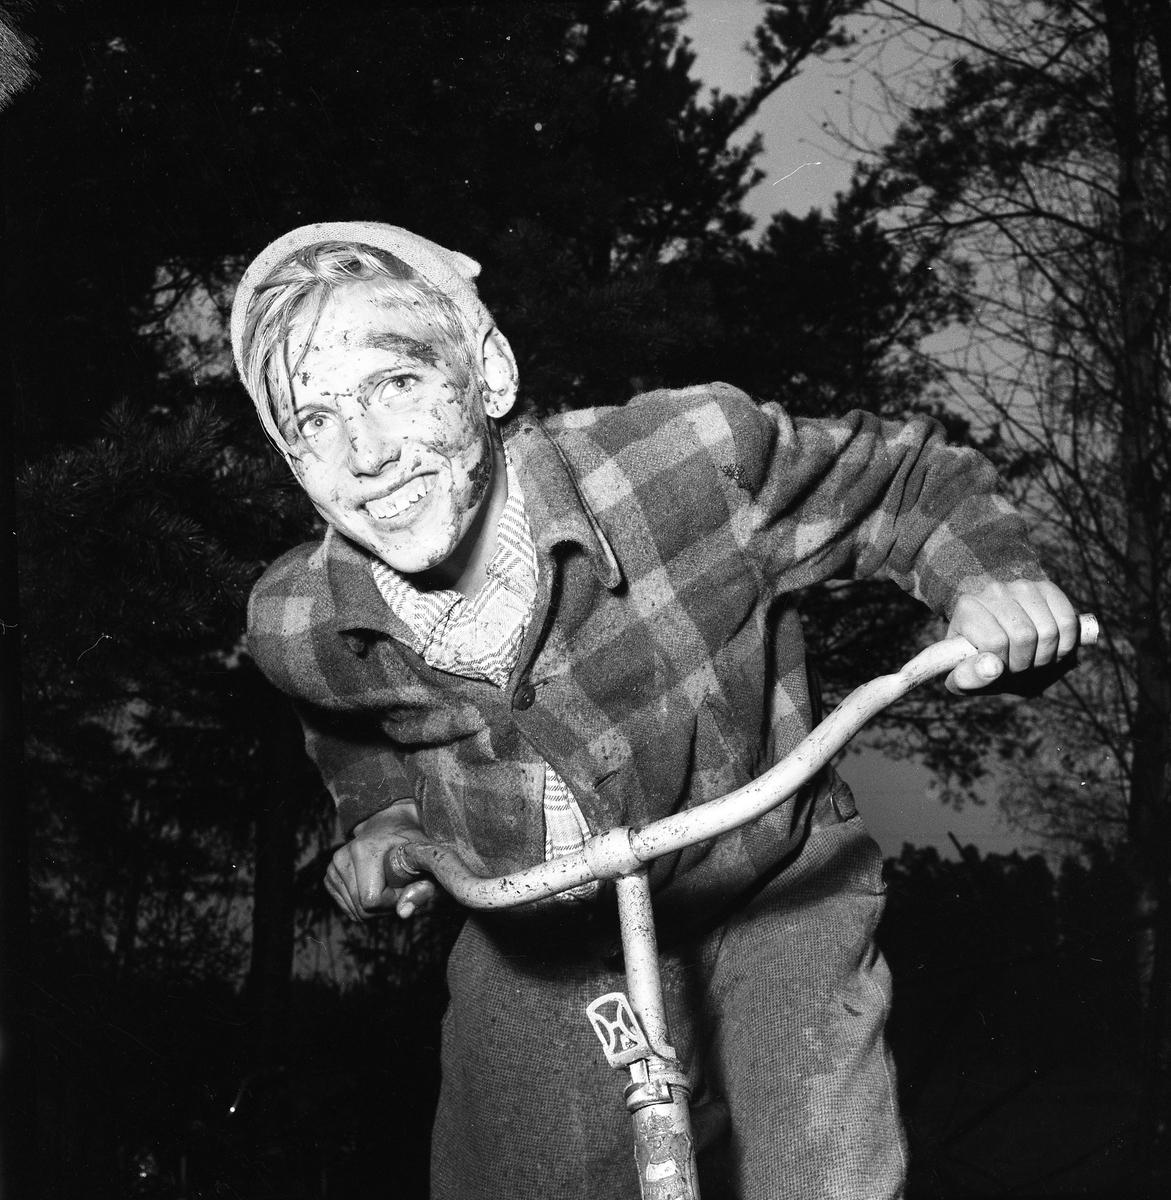 """Cykelcross är en ny ungdomsfluga. Bengt Arne Lööw tävlar för Kronorna från Arboga. Motståndarlaget är Rövarna från Fellingsbro. Tävlingen sker i Fellingsbro och banan är 450 meter lång. Bilden finns med i Reinhold Carlssons bok """"Arboga objektivt sett"""""""